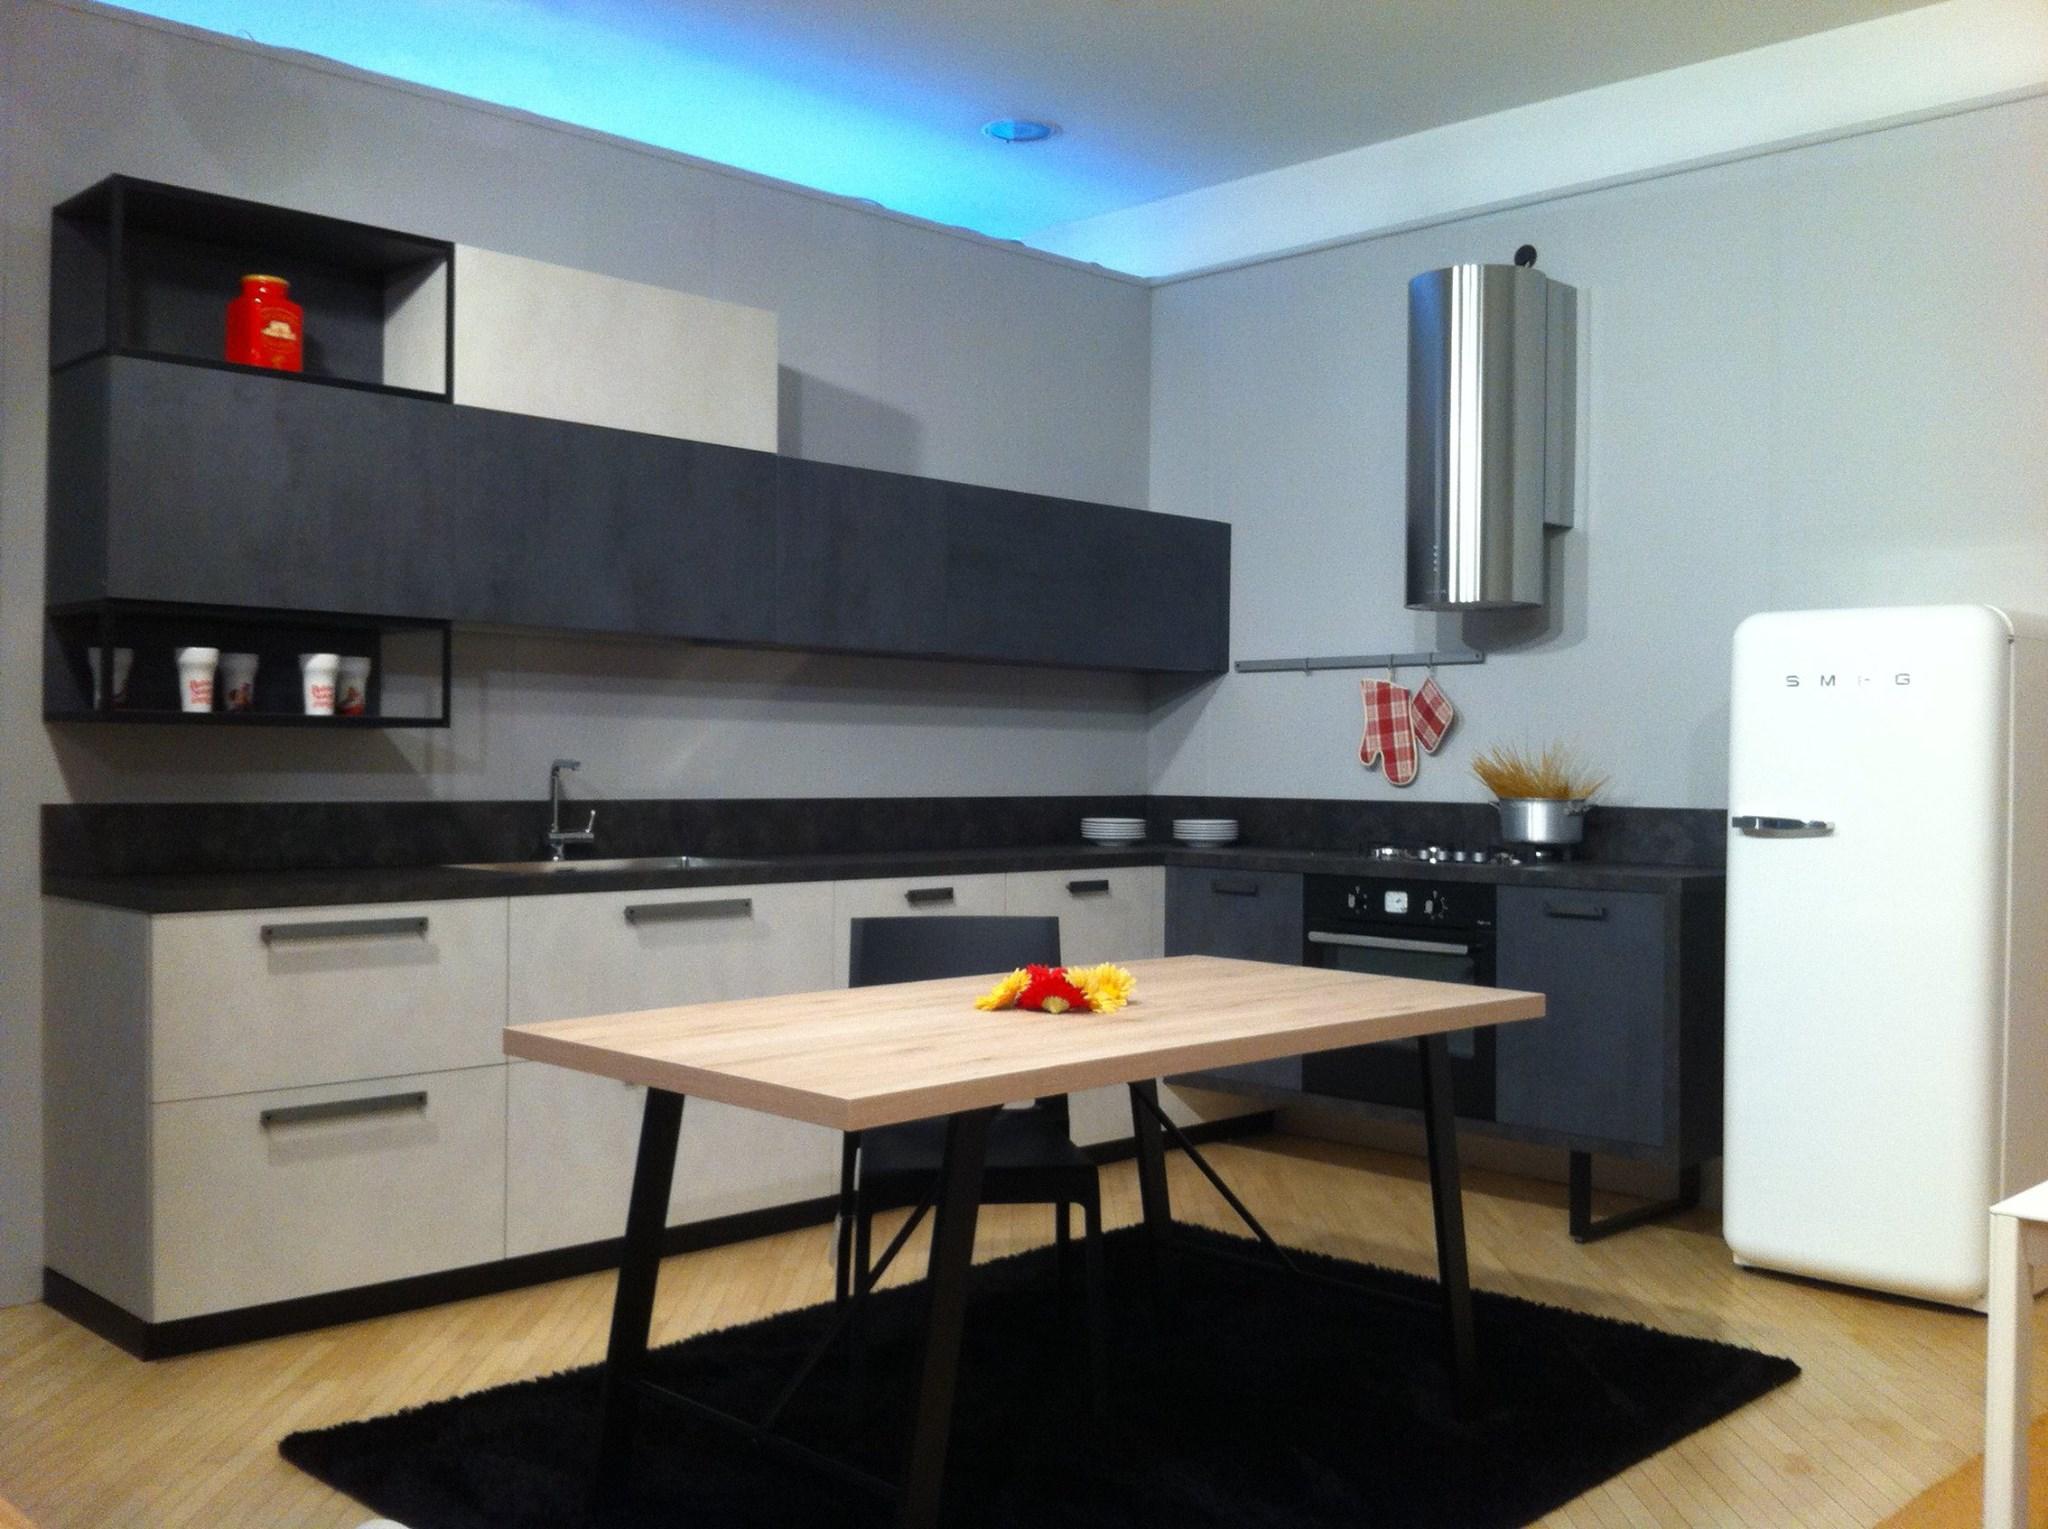 Nuova cucina con design metropolitano - Schio, Thiene, Zanè ...